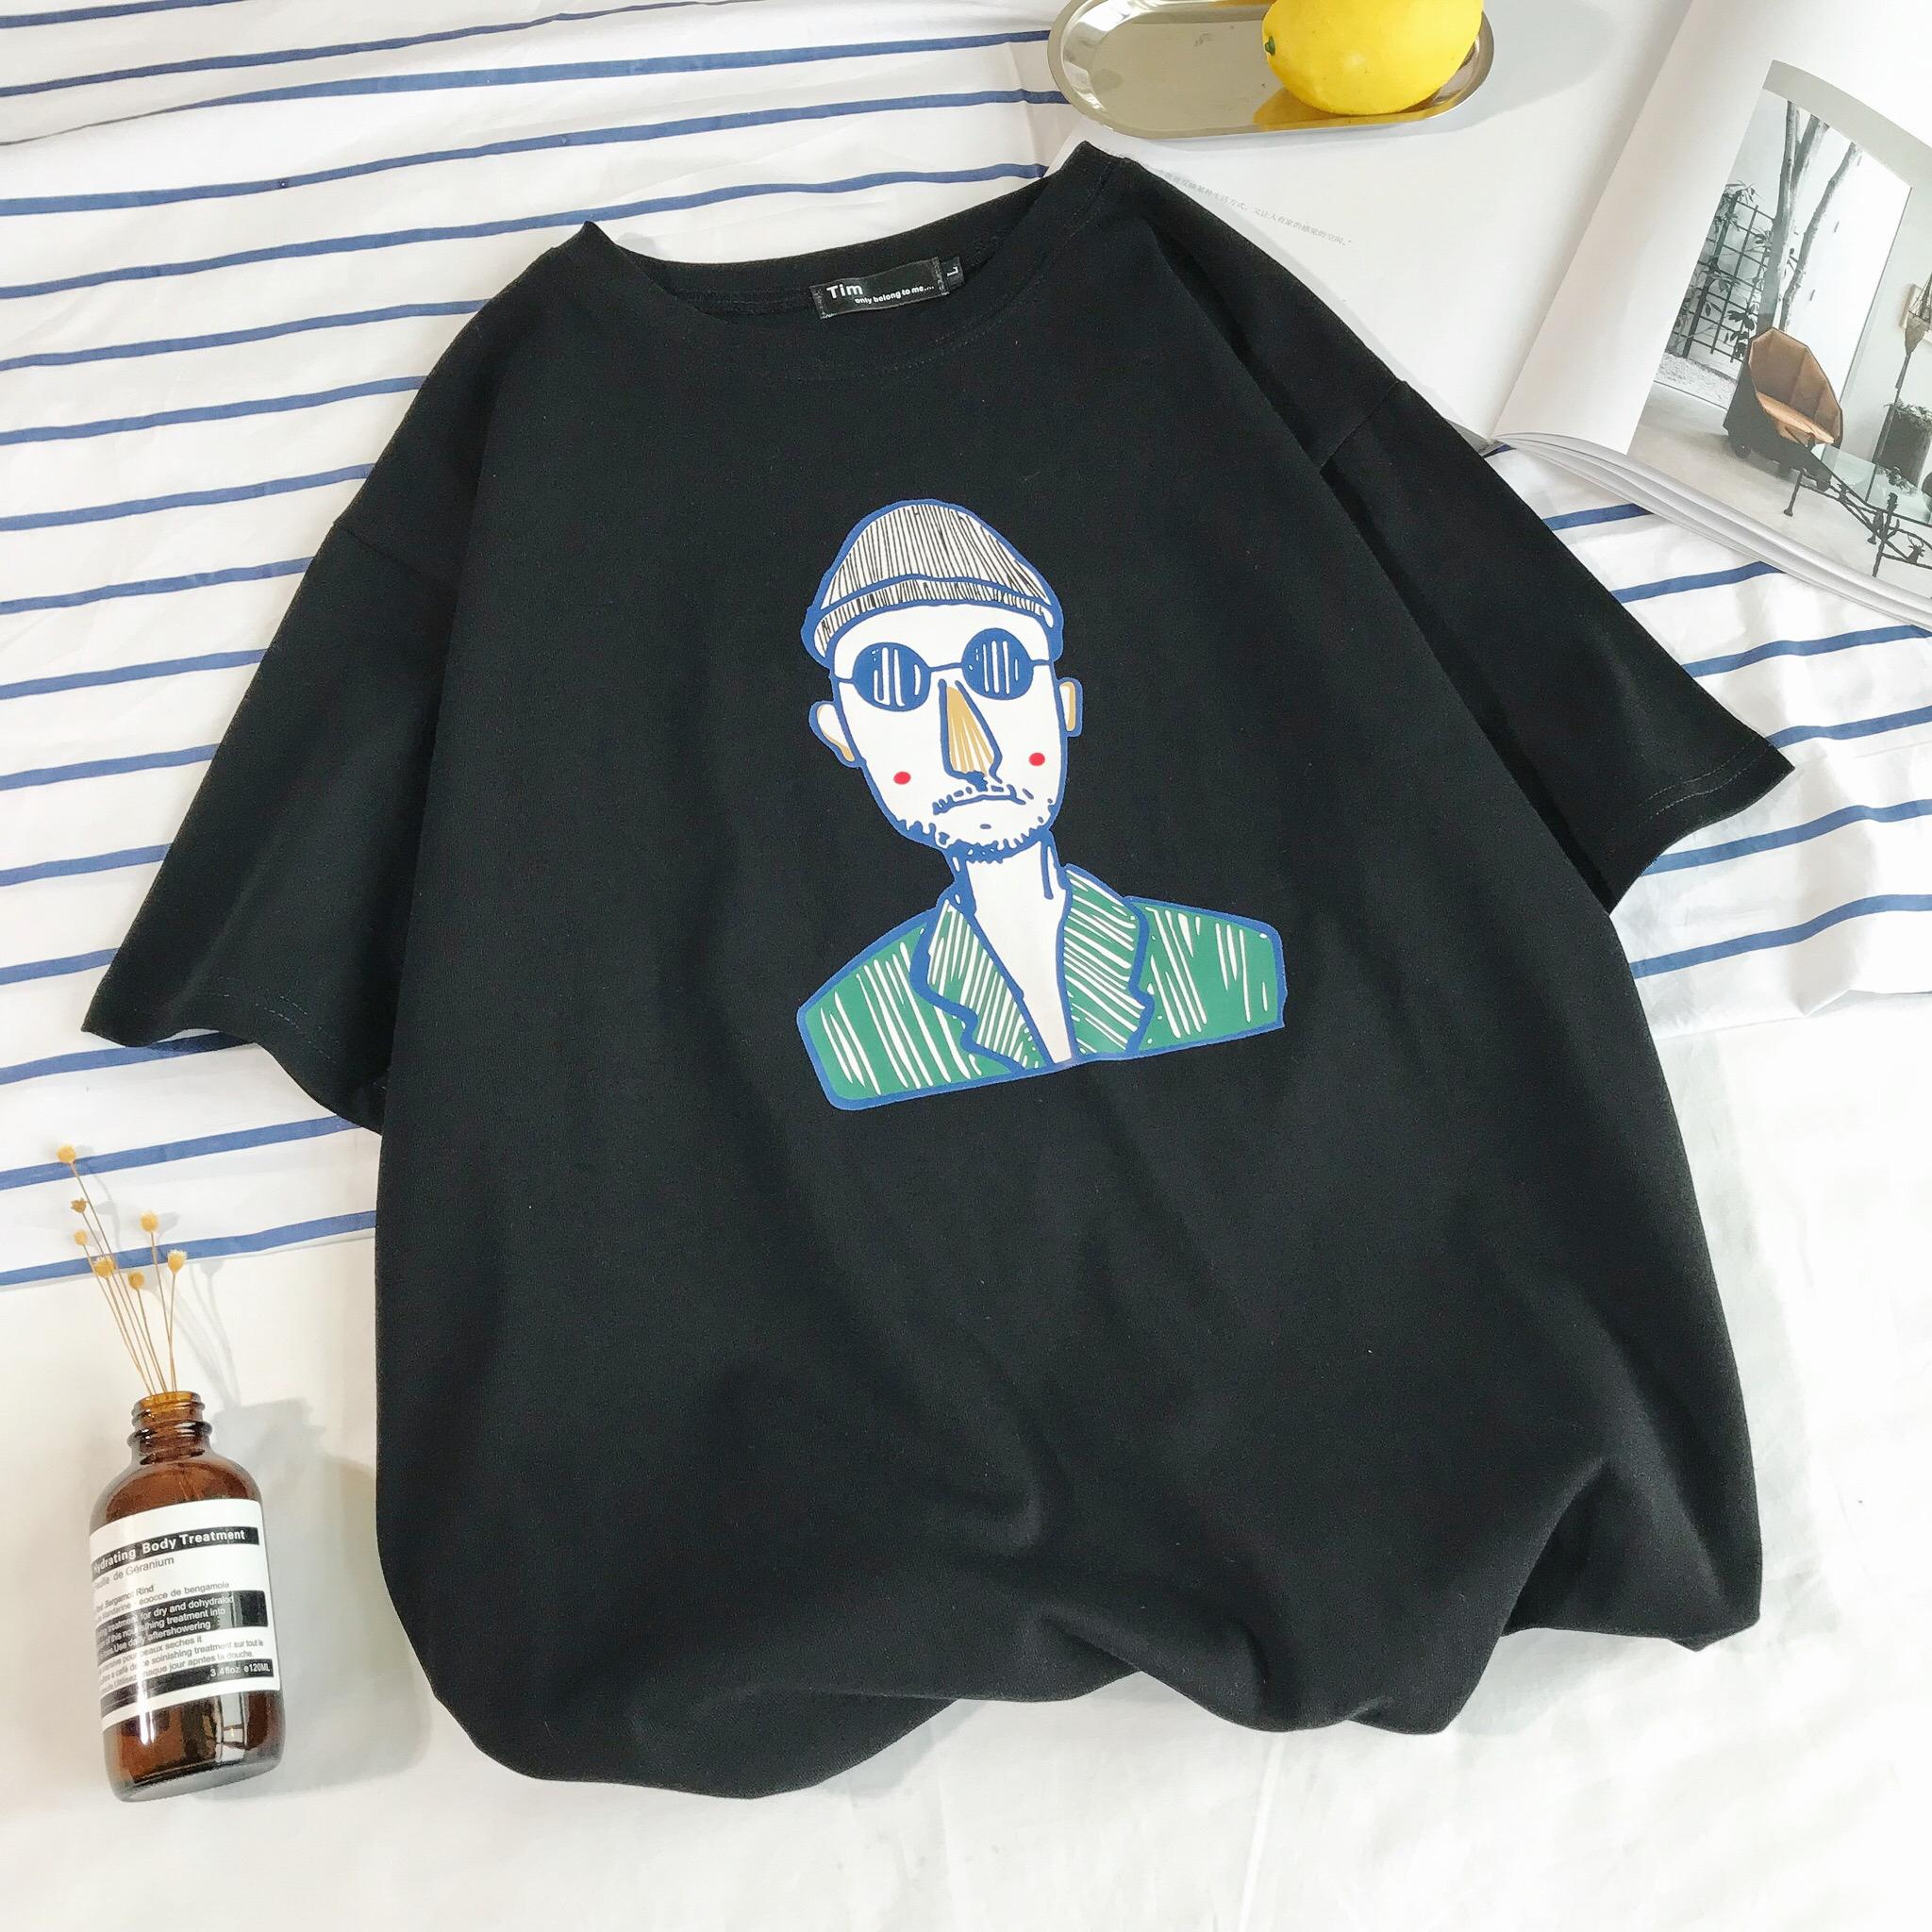 18春夏新款港仔风宽松短袖T恤男士休闲C416-1-N04-P15摆拍图黑色